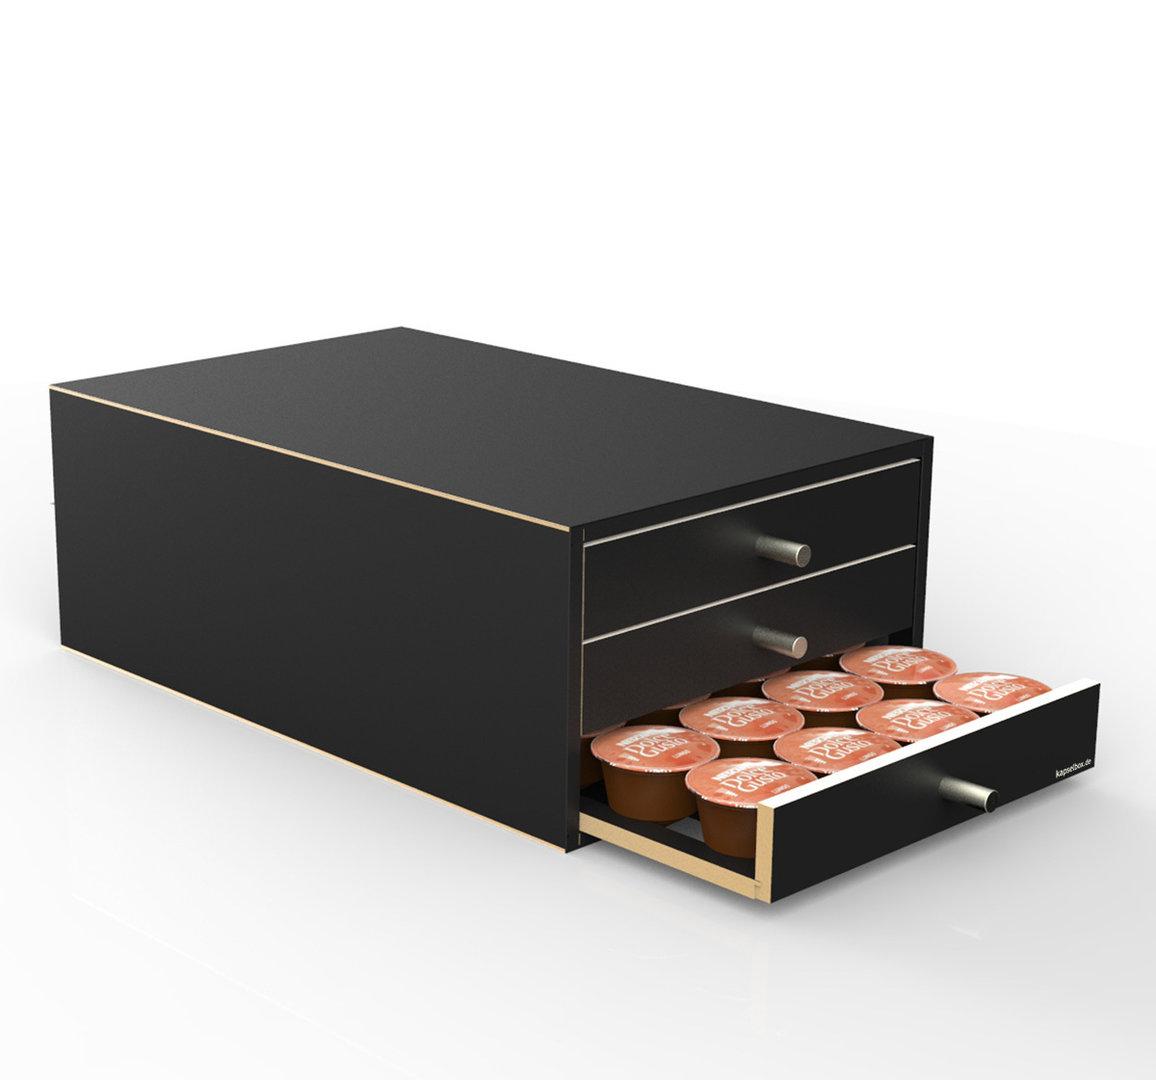 kapselspender mit 3 schubladen f r 72 dolce gusto patronen. Black Bedroom Furniture Sets. Home Design Ideas